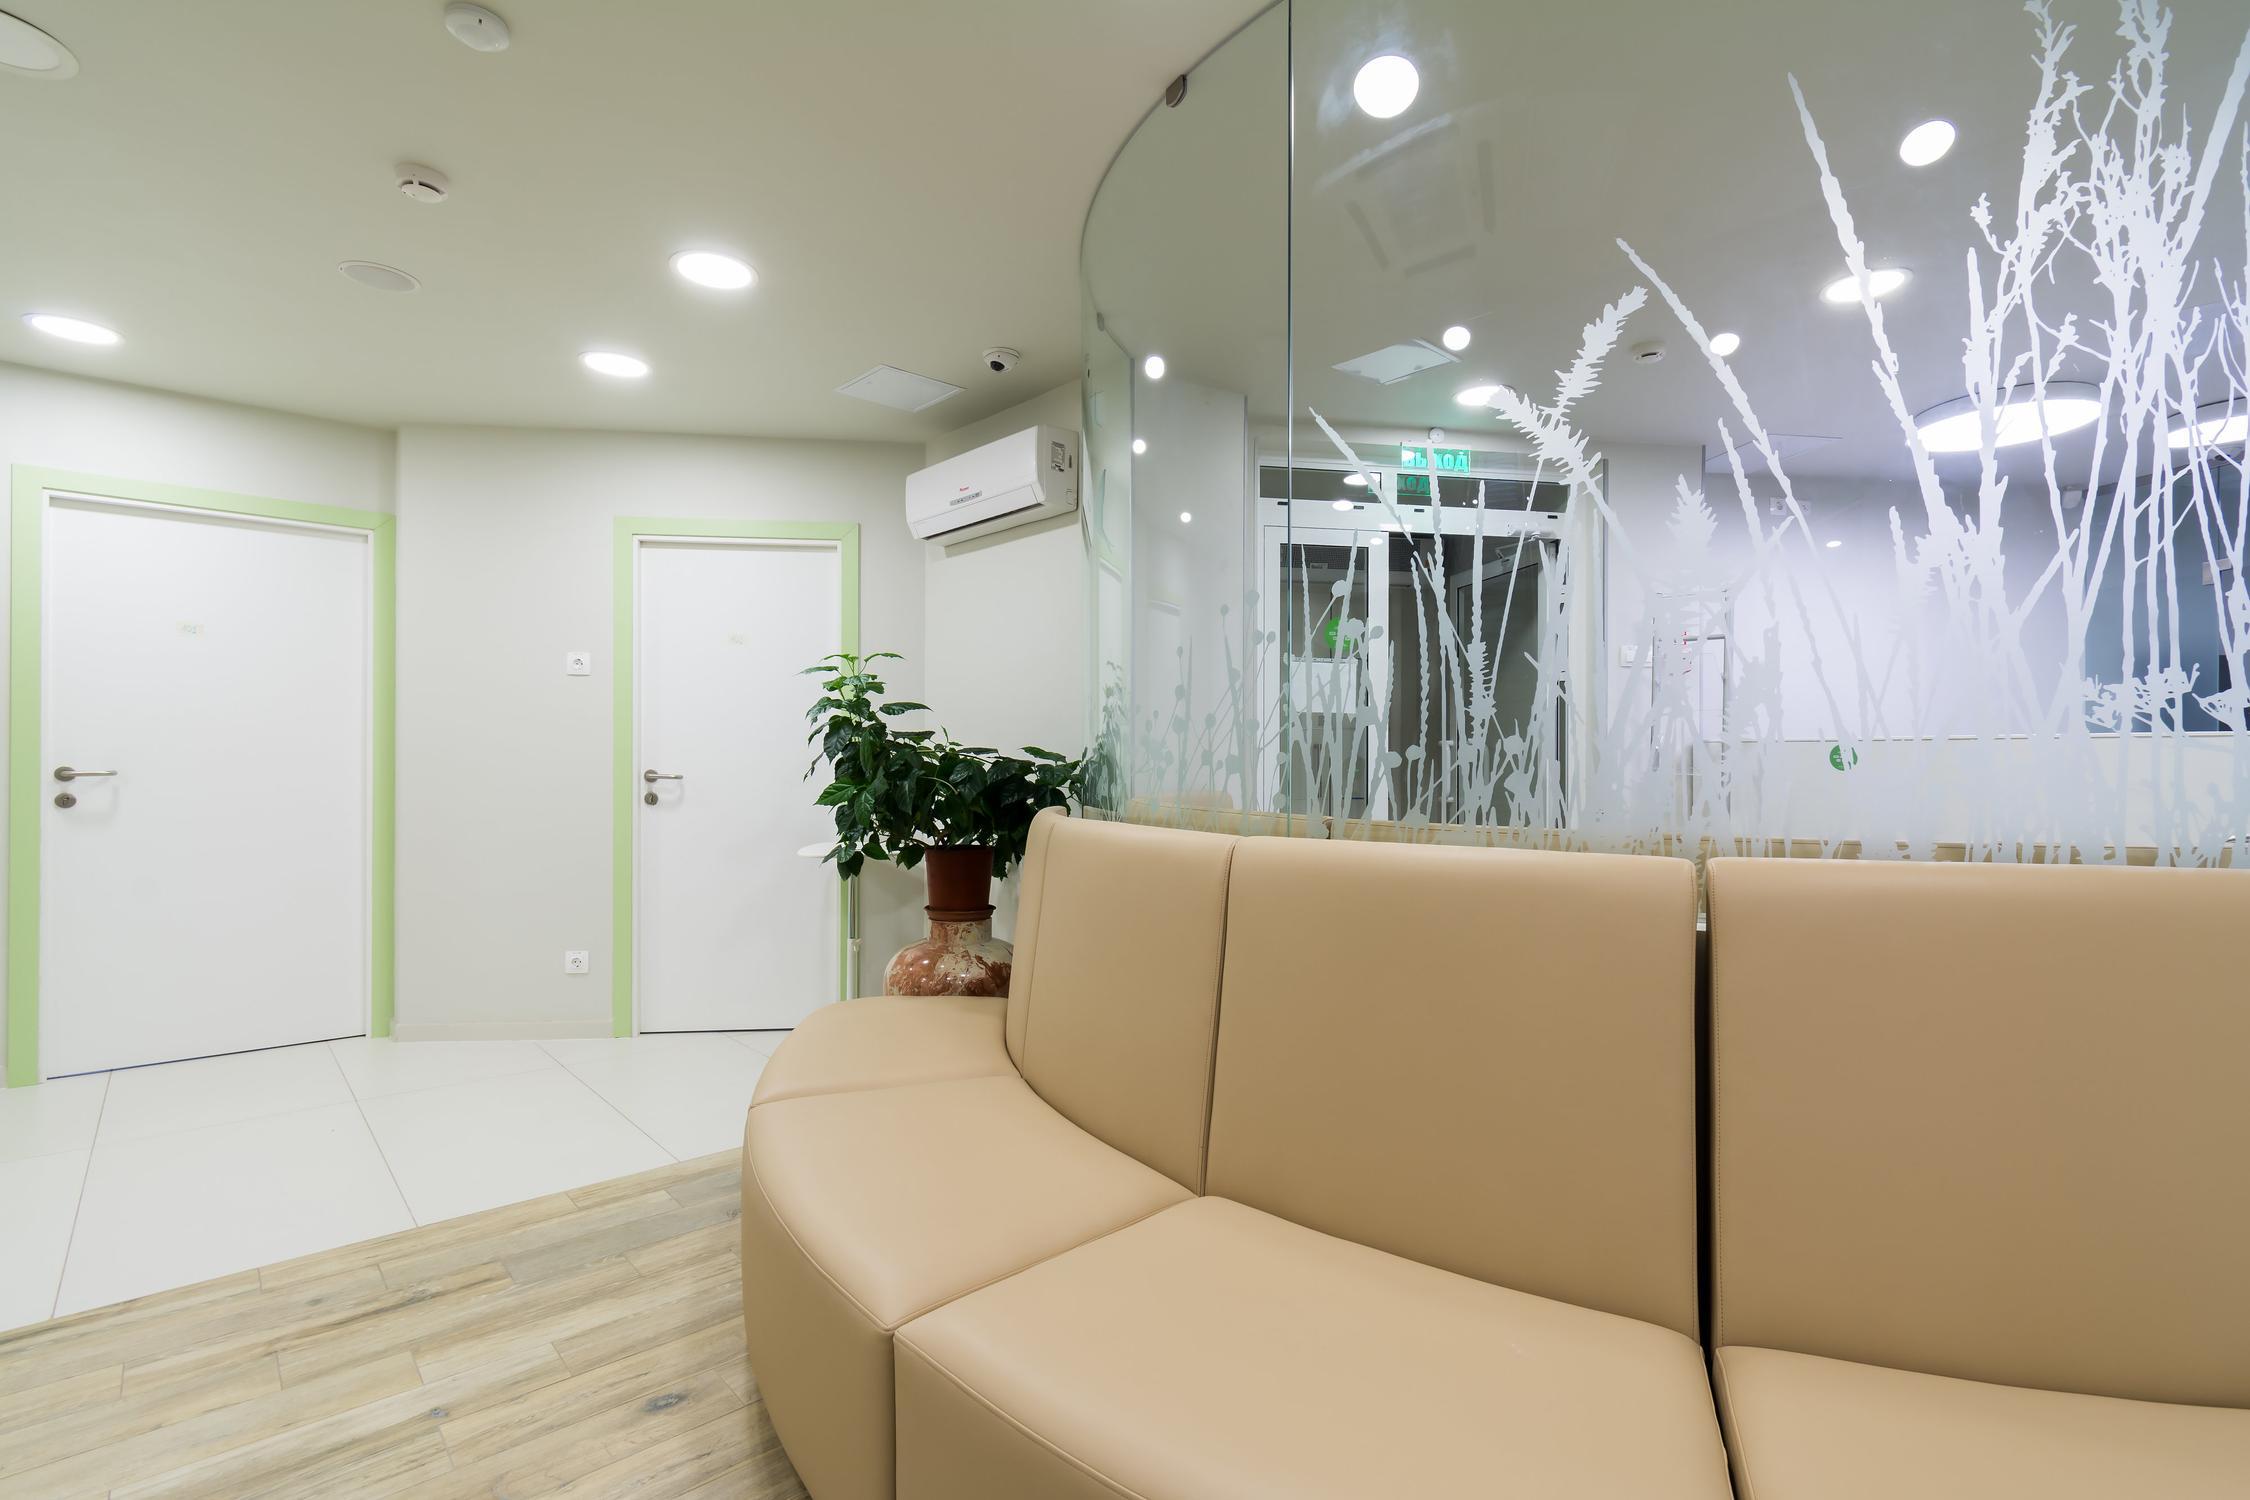 фотография Моситалмед. Клиника мужского и женского здоровья на Овчинниковской набережной